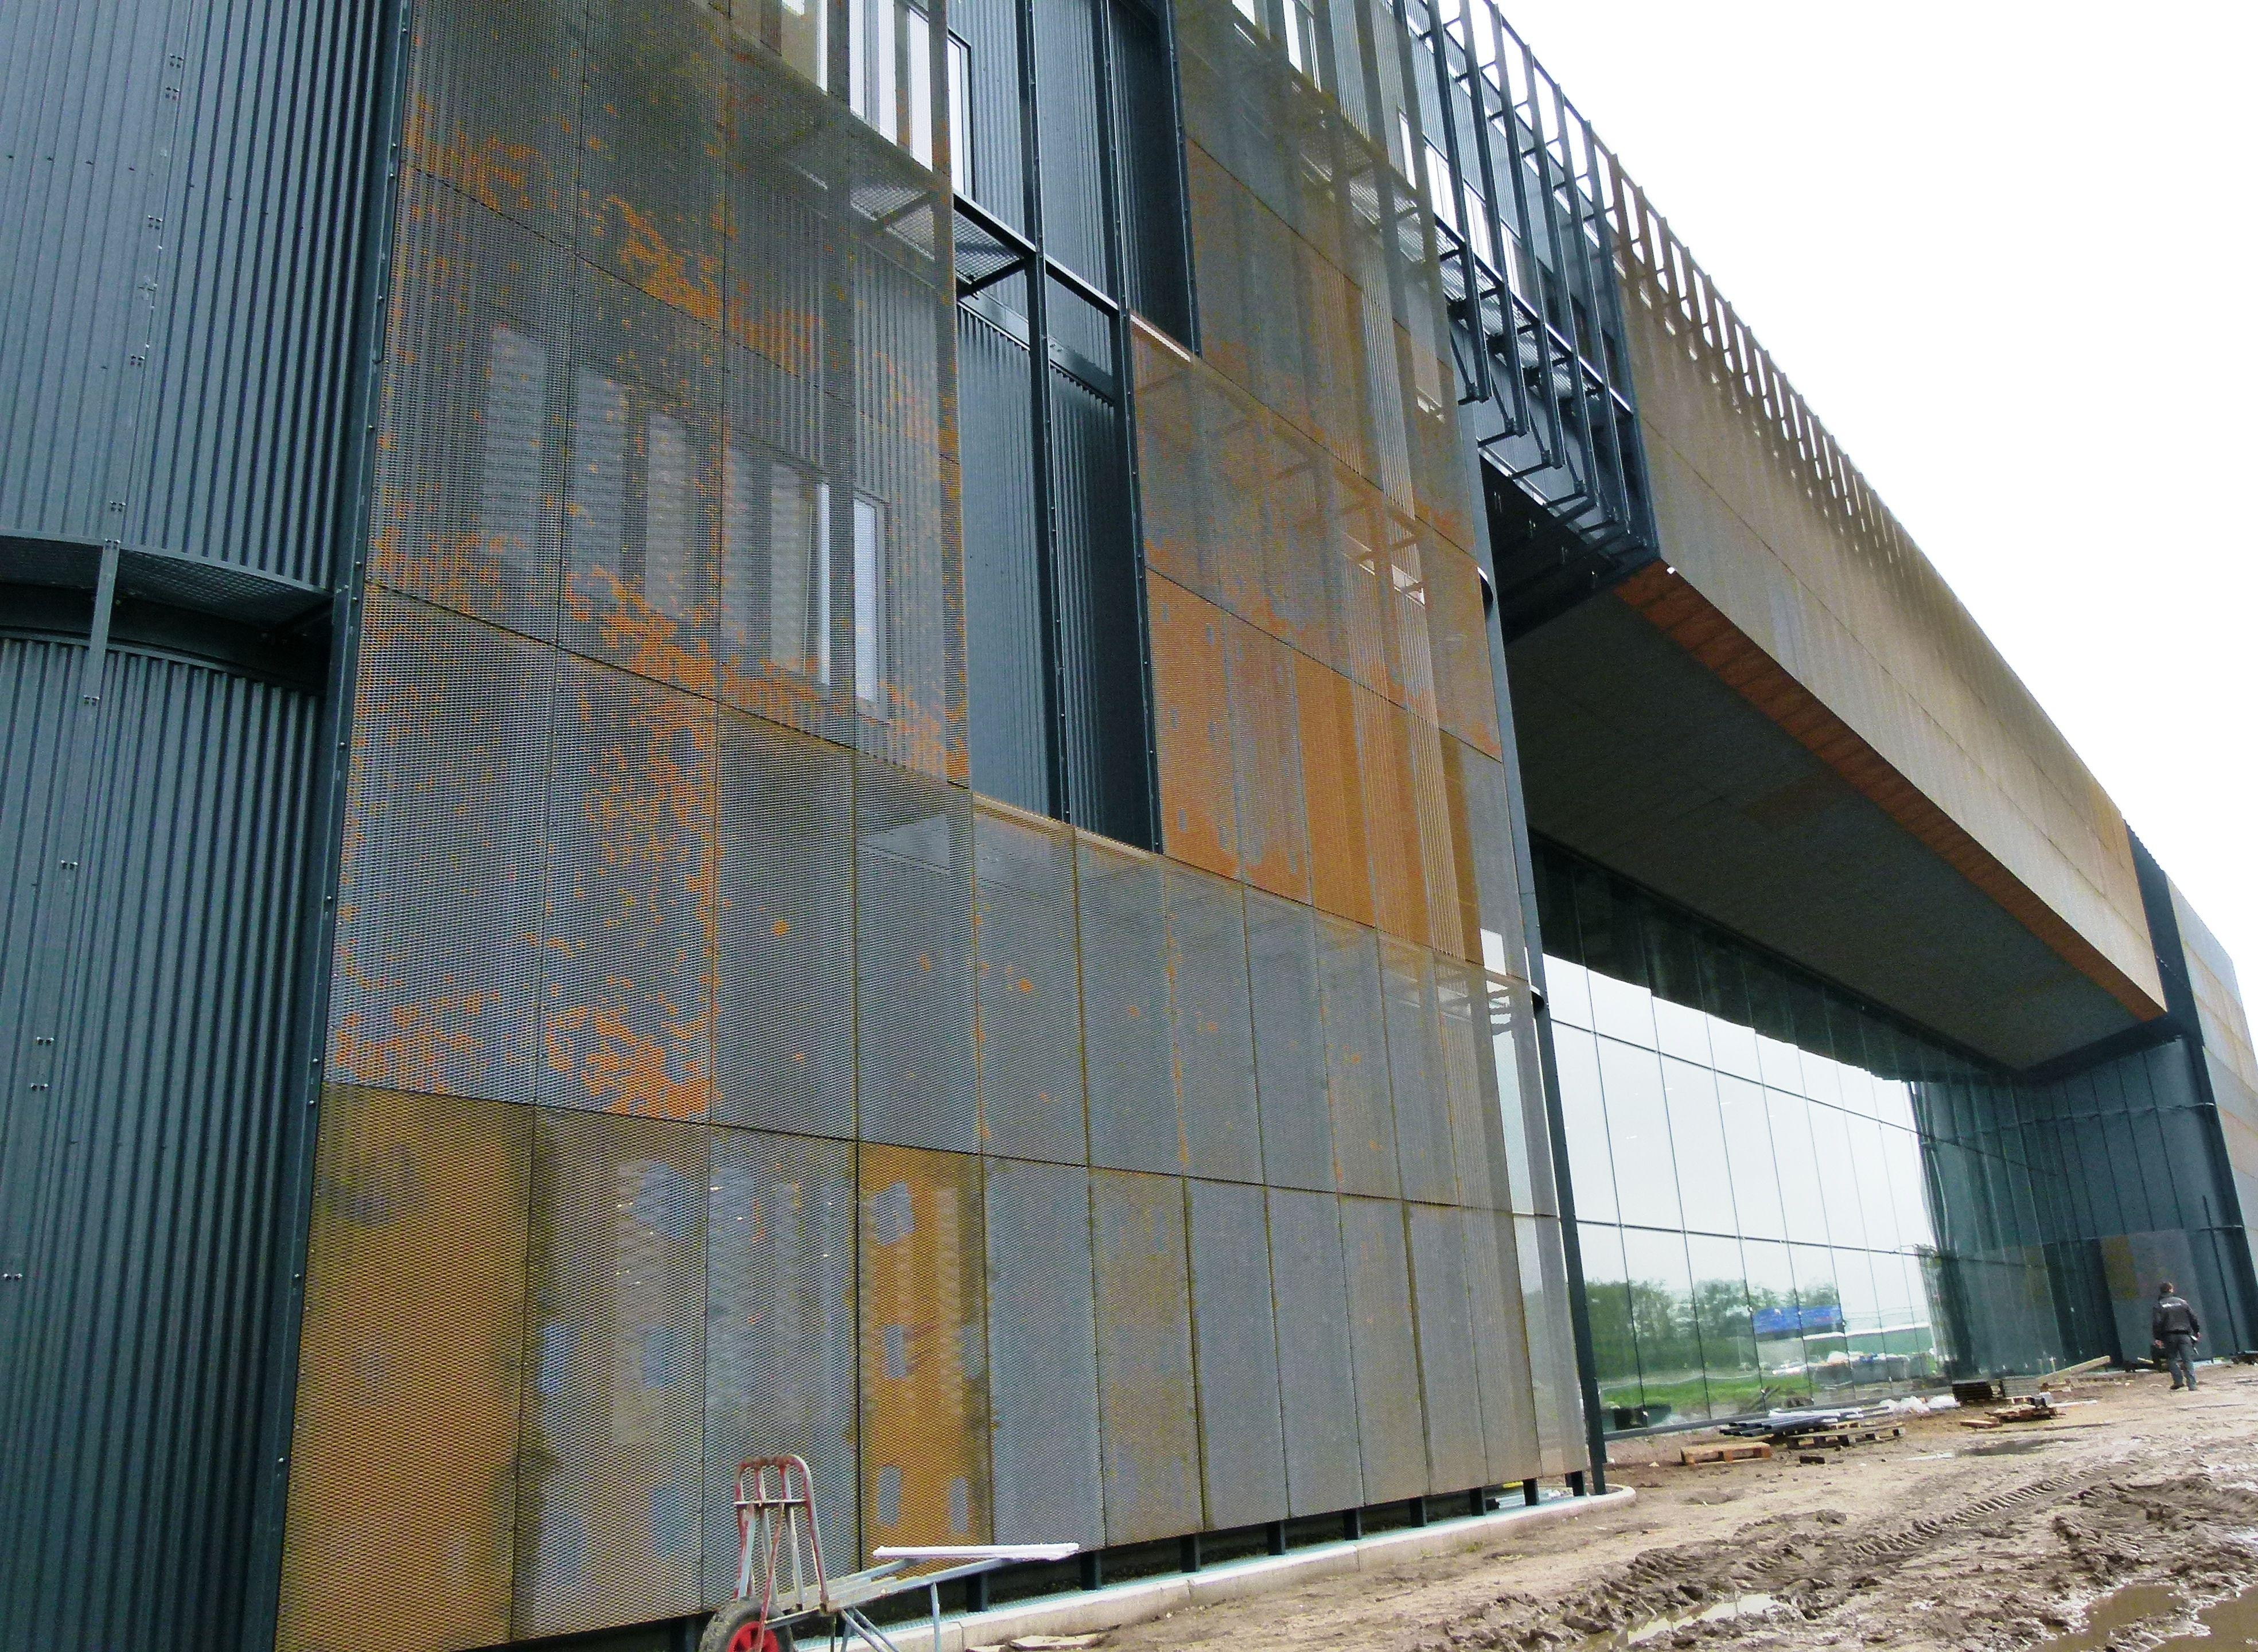 Strekmetalen gevel in cortenstaal - Architectuur en constructie ...